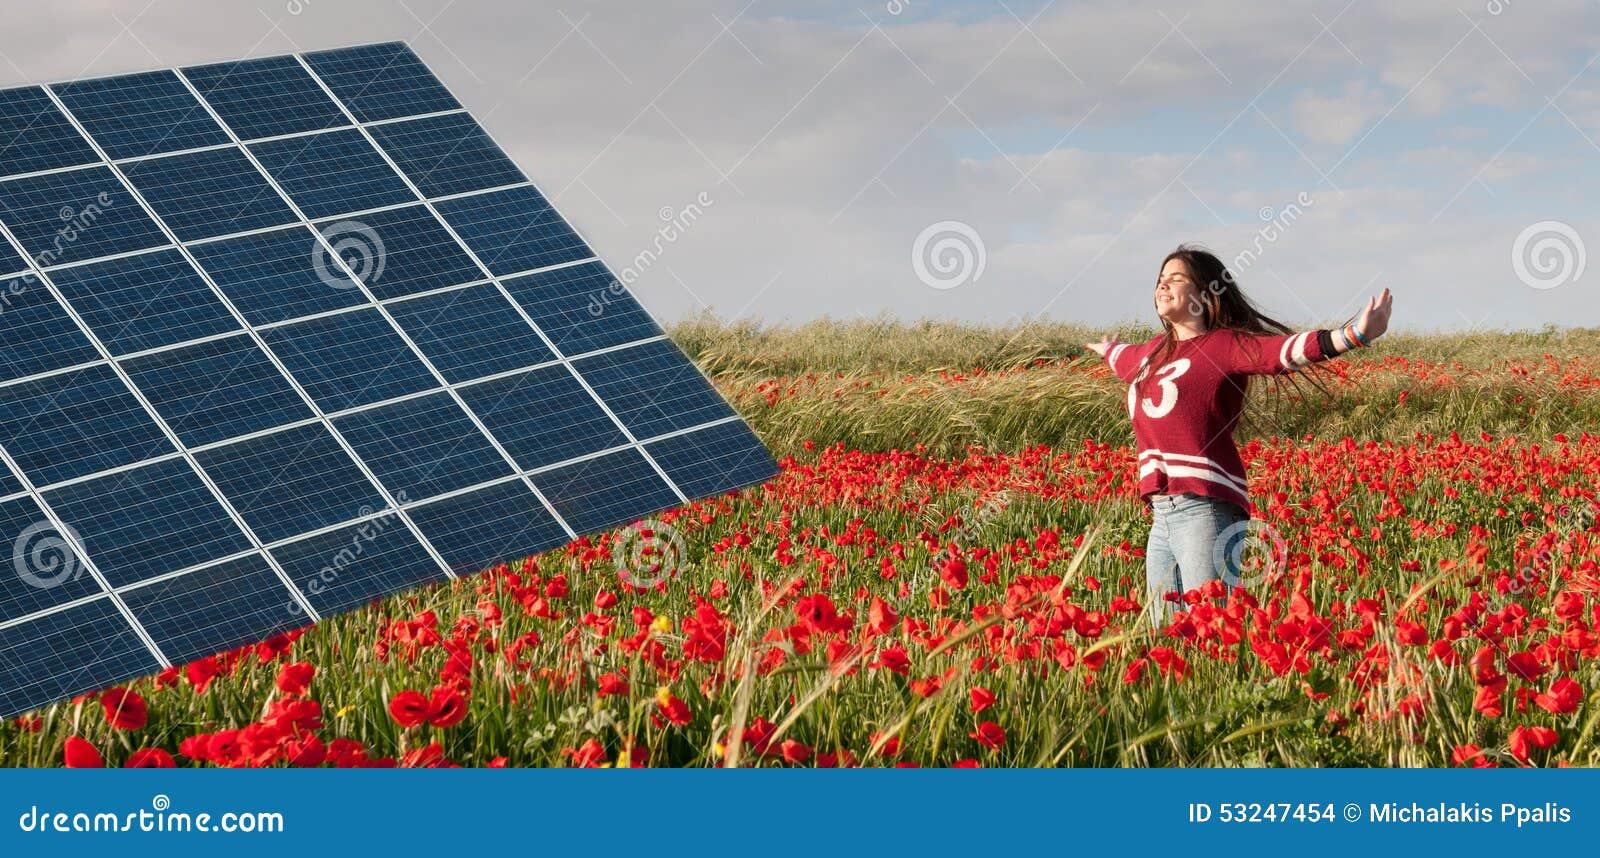 Επιτροπή και έφηβη ηλιακής ενέργειας σε έναν τομέα με τις κόκκινες παπαρούνες